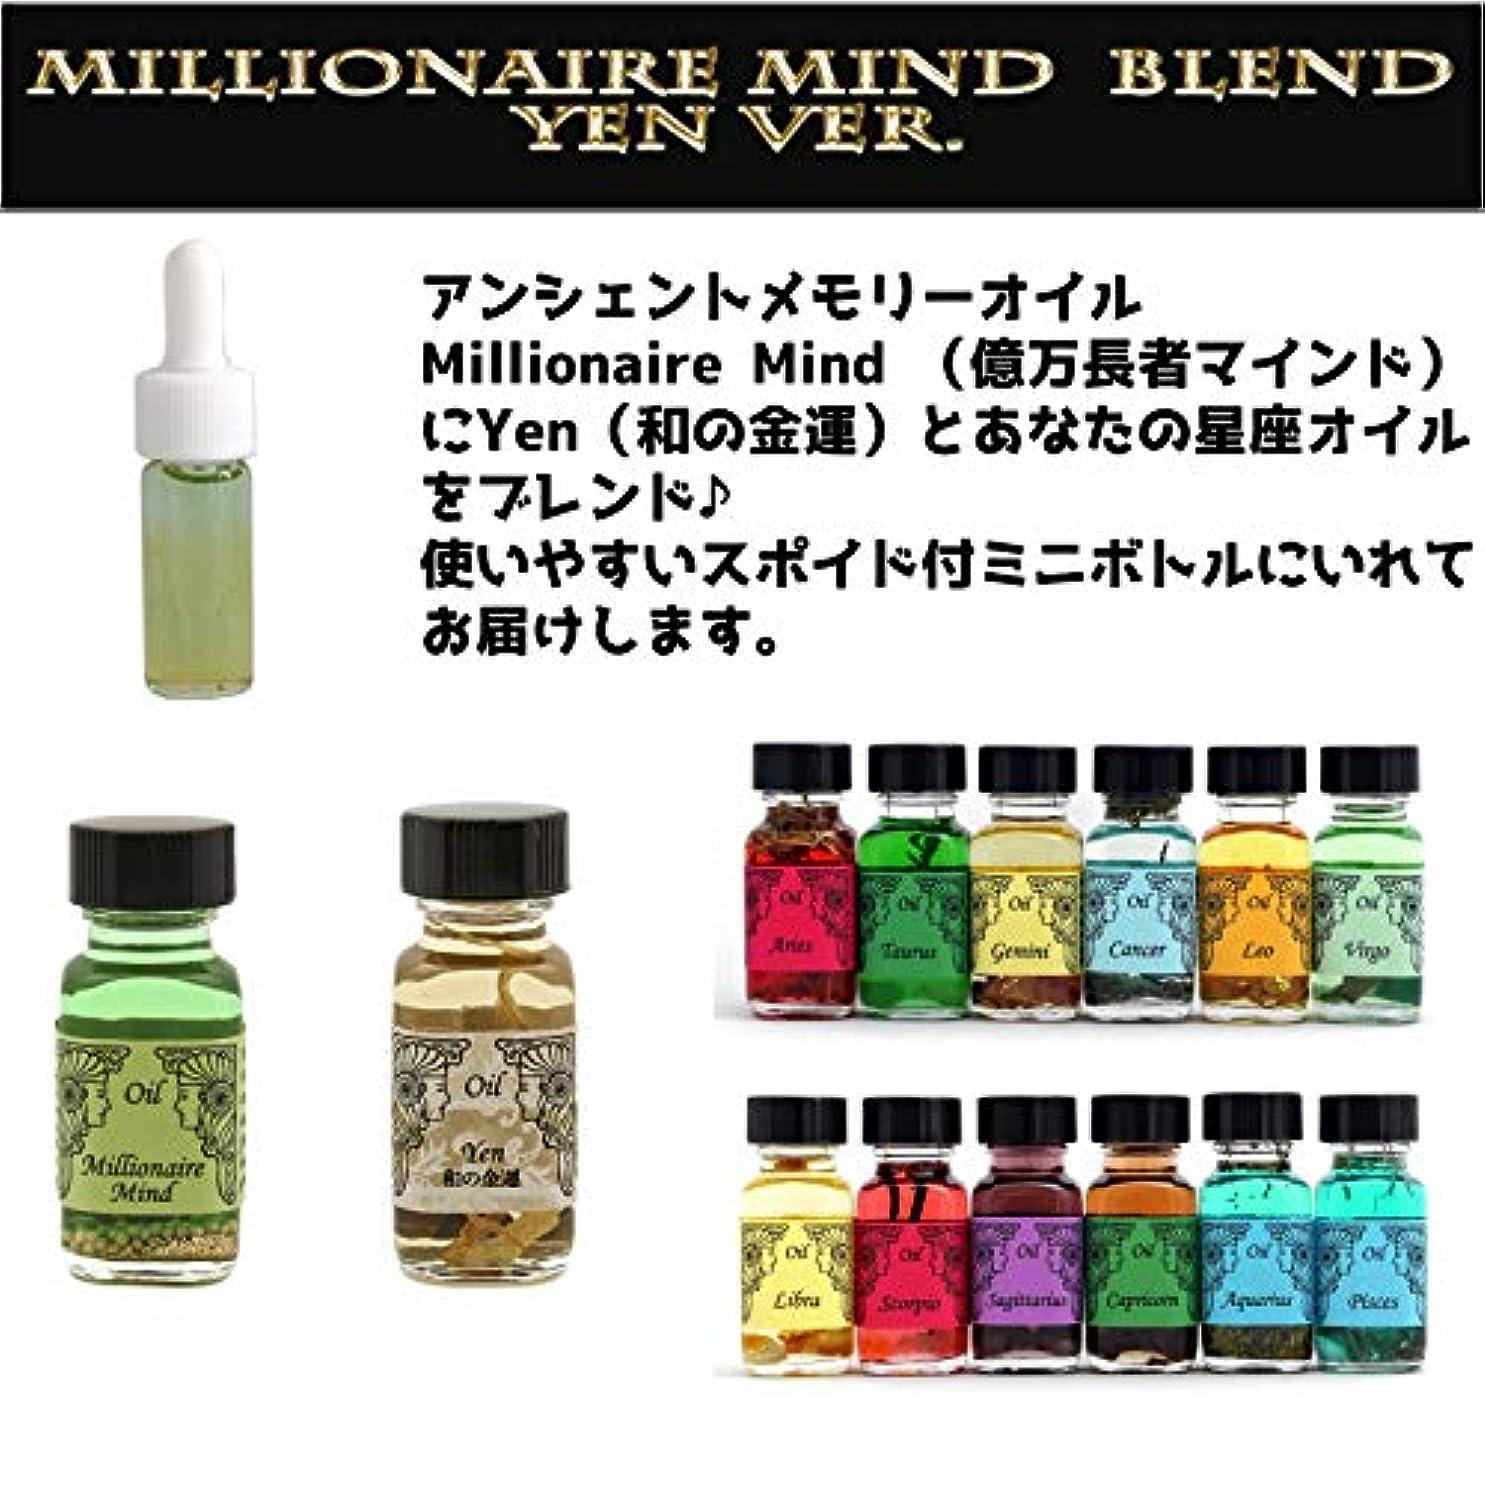 団結する噛むガチョウアンシェントメモリーオイル Millionaire Mind 億万長者マインド ブレンド【Yen 和の金運&ふたご座】